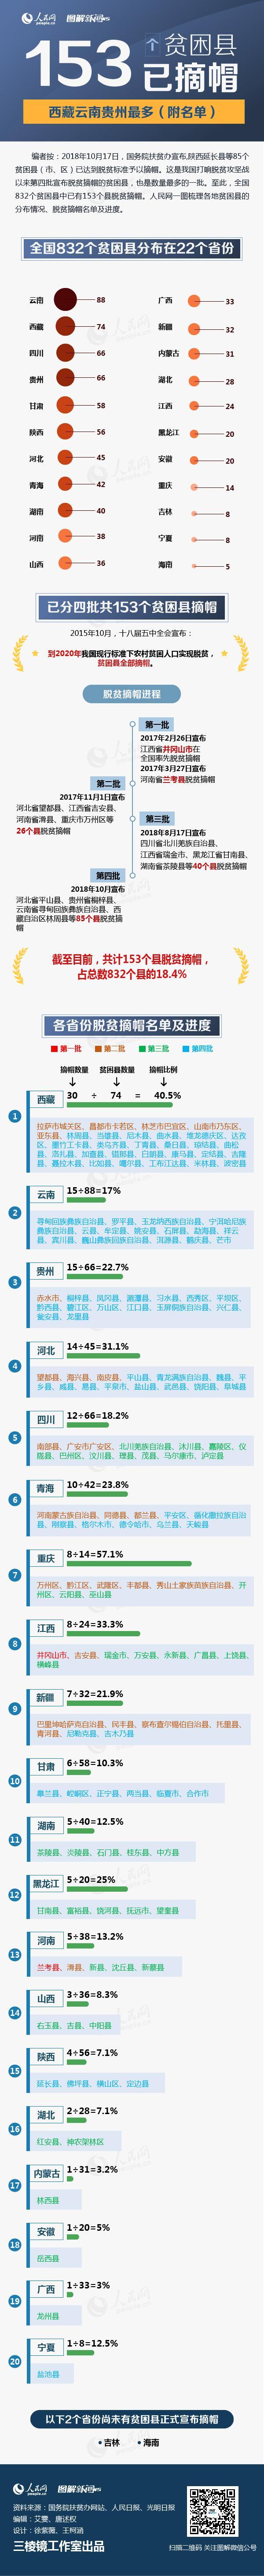 图解:153个贫困县已摘帽,西藏云南贵州最多(附名单)